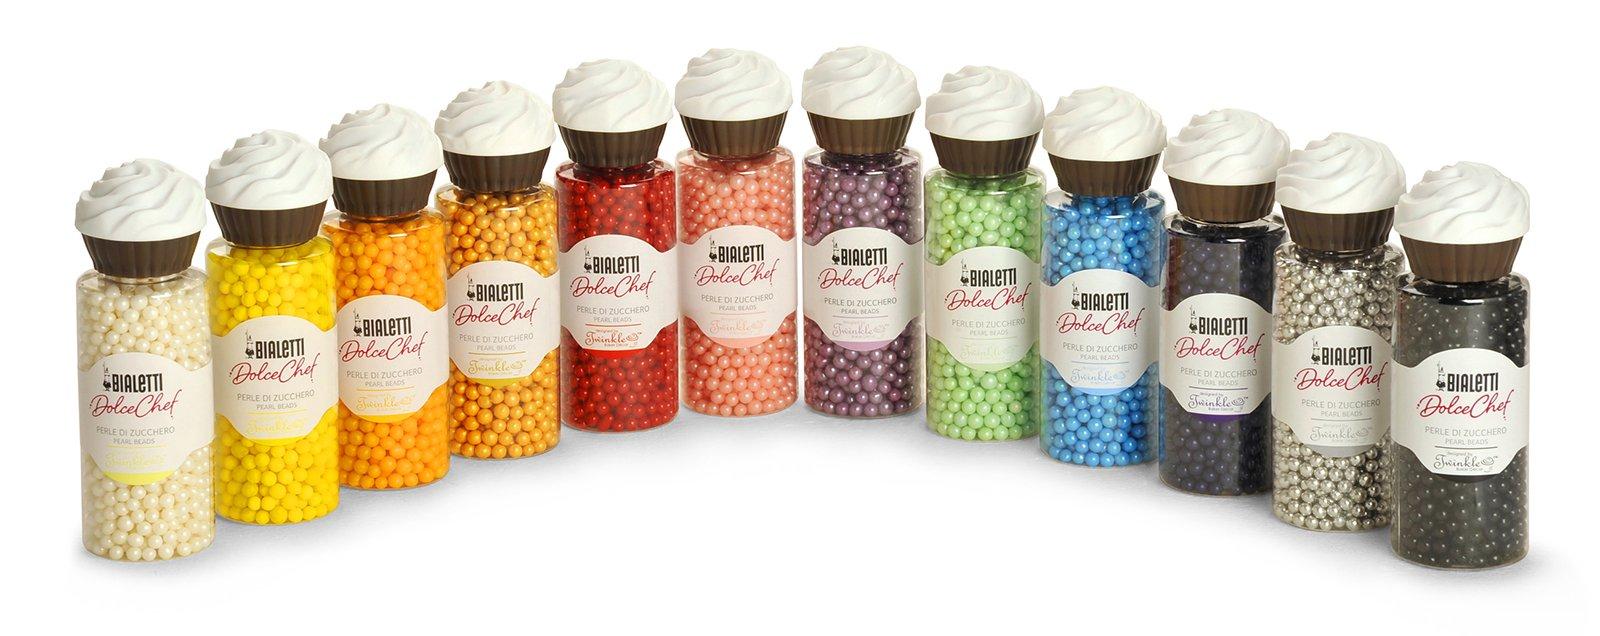 8bialetti perle di zucchero decorazioni cose di casa - Oggettistica per cucina ...